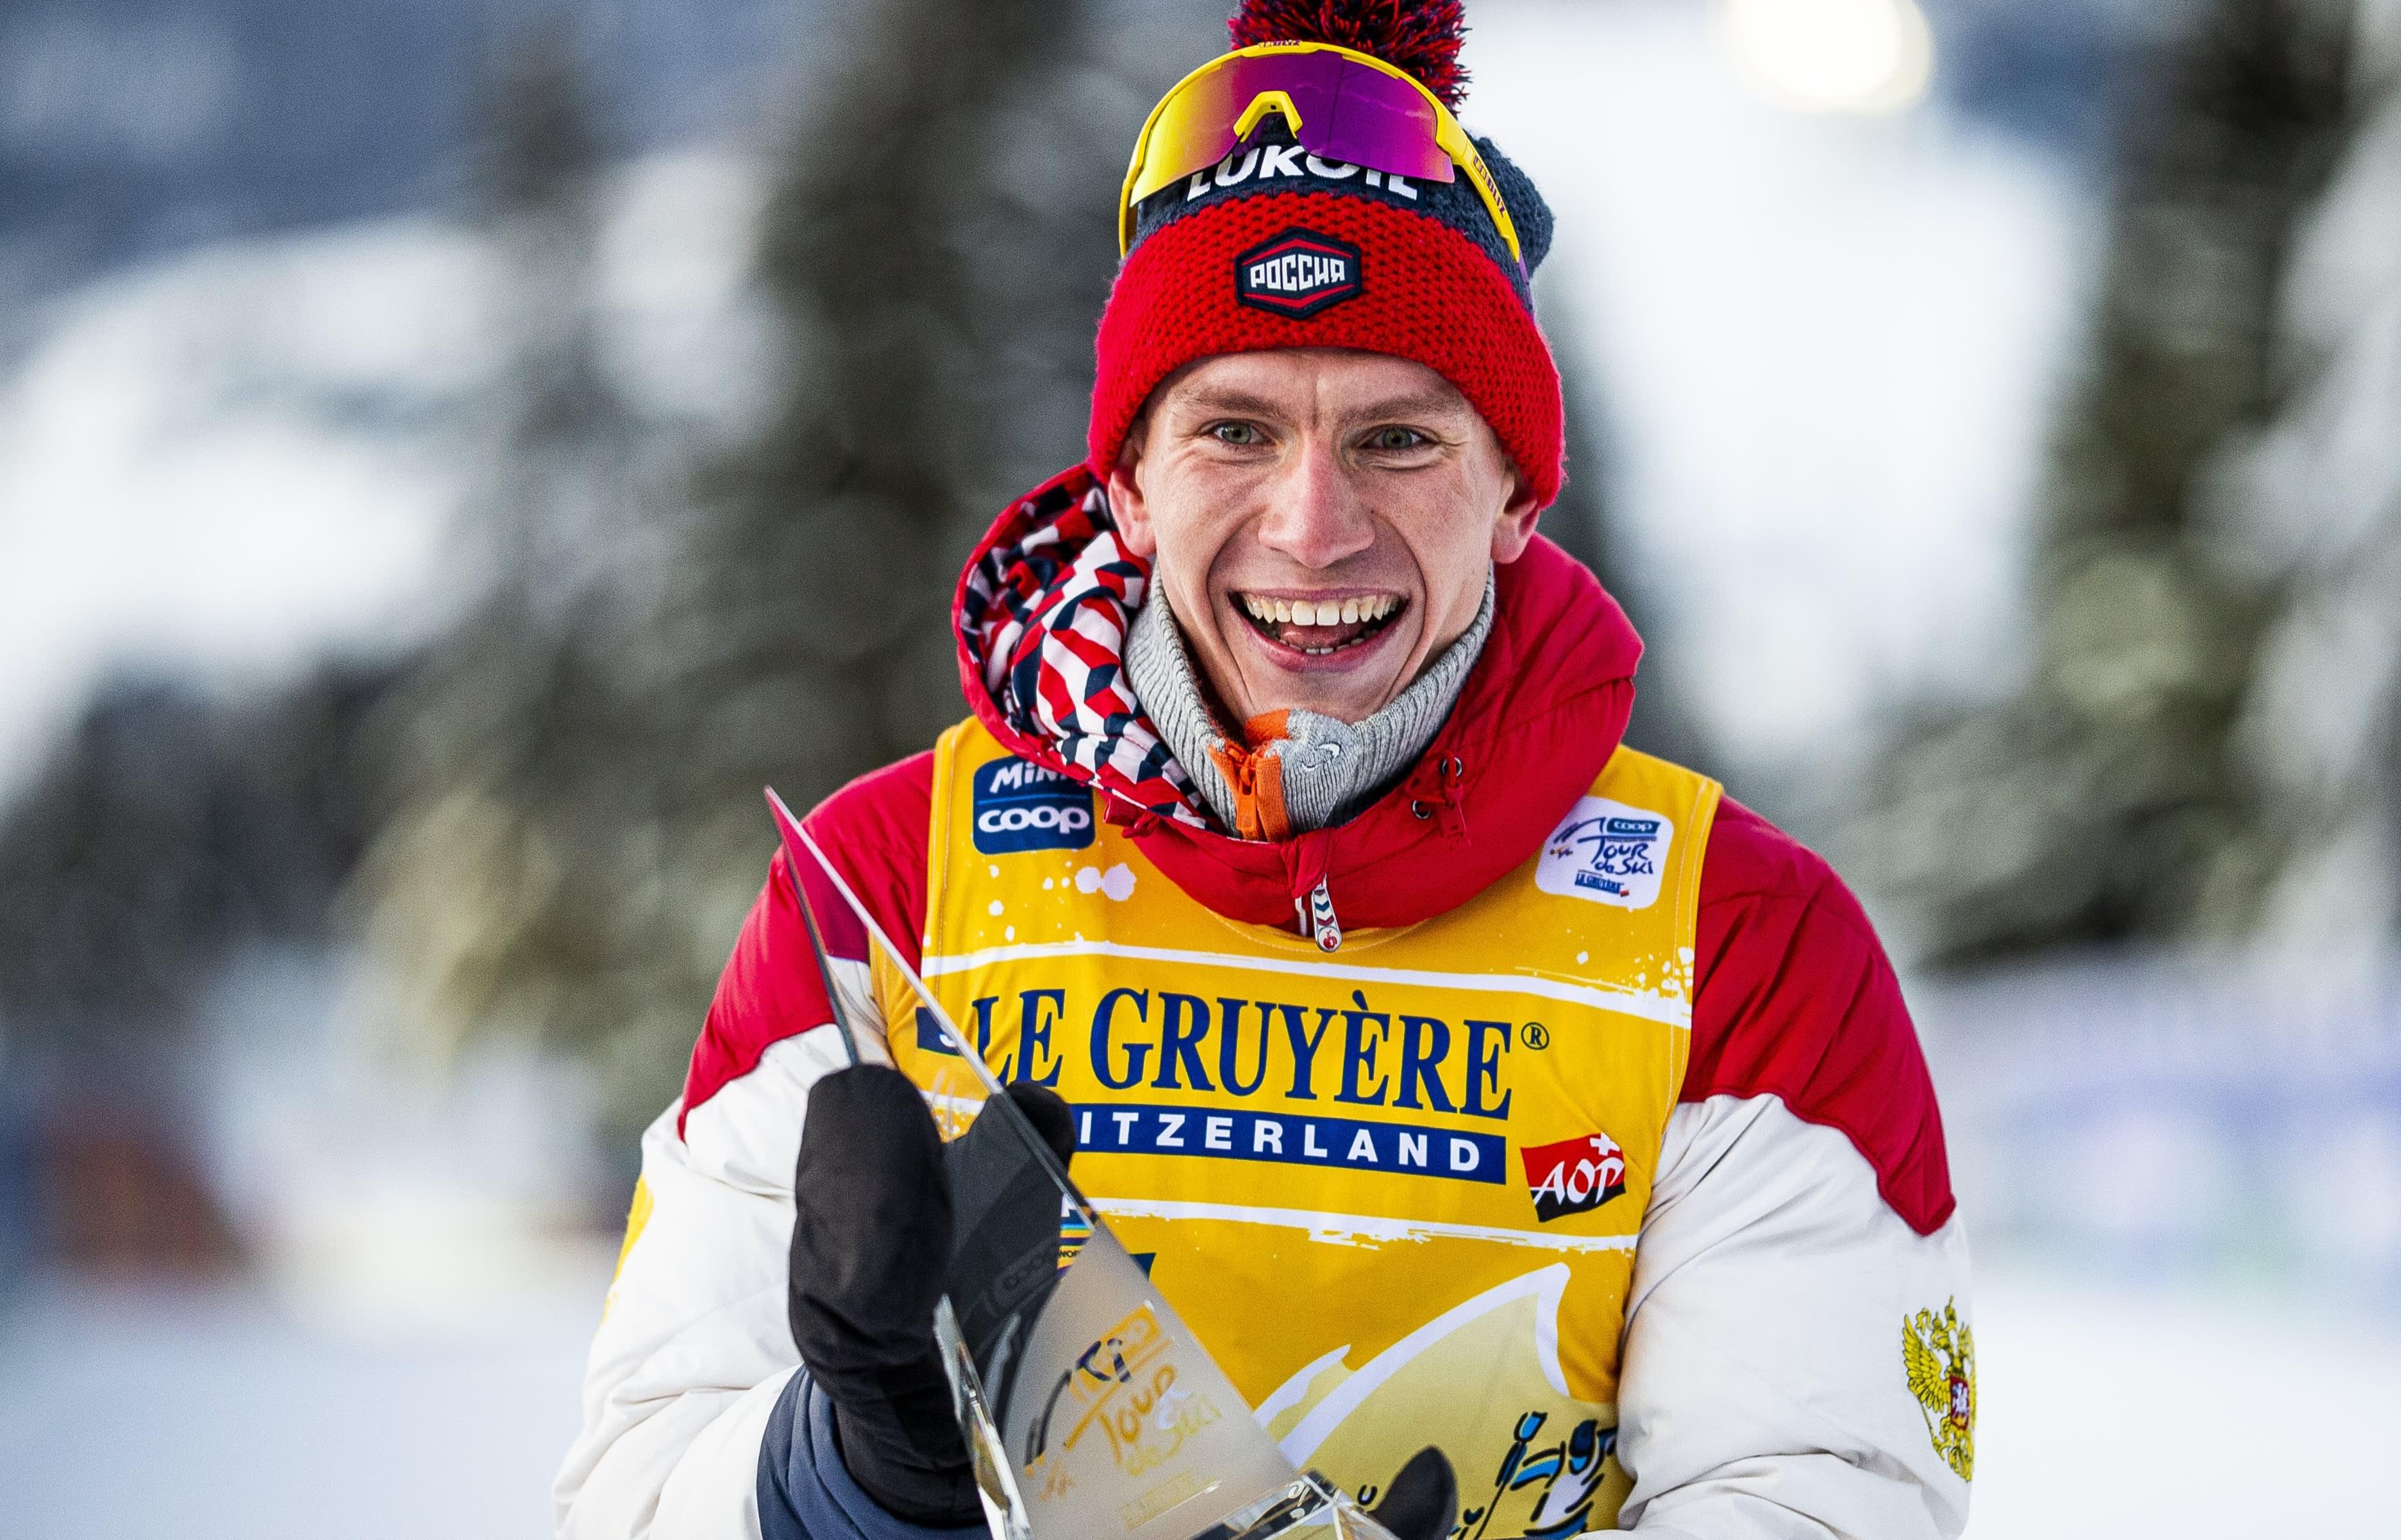 Aleksandr Bolshunov tuuletti tammikuussa arvostetun Tour de Ski -kiertueen voittoa. Oberstdorfin MM-kisoissa tulisieluiselle venäläiselle kelpaa vain voitto.